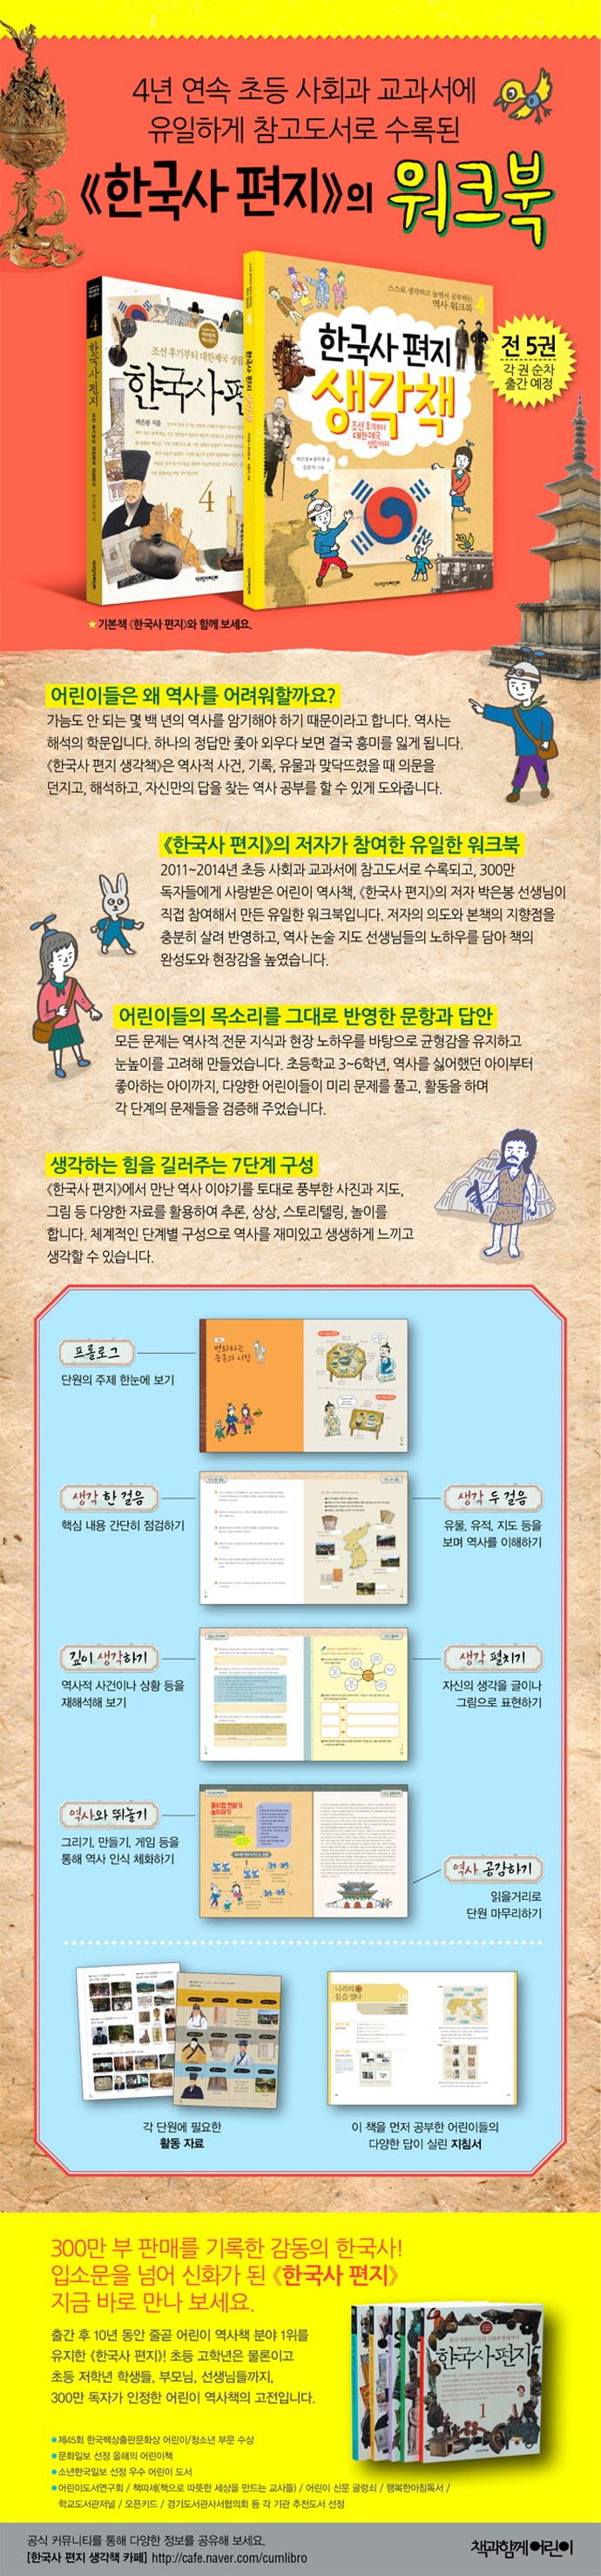 한국사 편지 생각책. 4: 조선 후기부터 대한제국 성립까지(스스로 생각하고 놀면서 공부하는 역사 워크북 4 도서 상세이미지